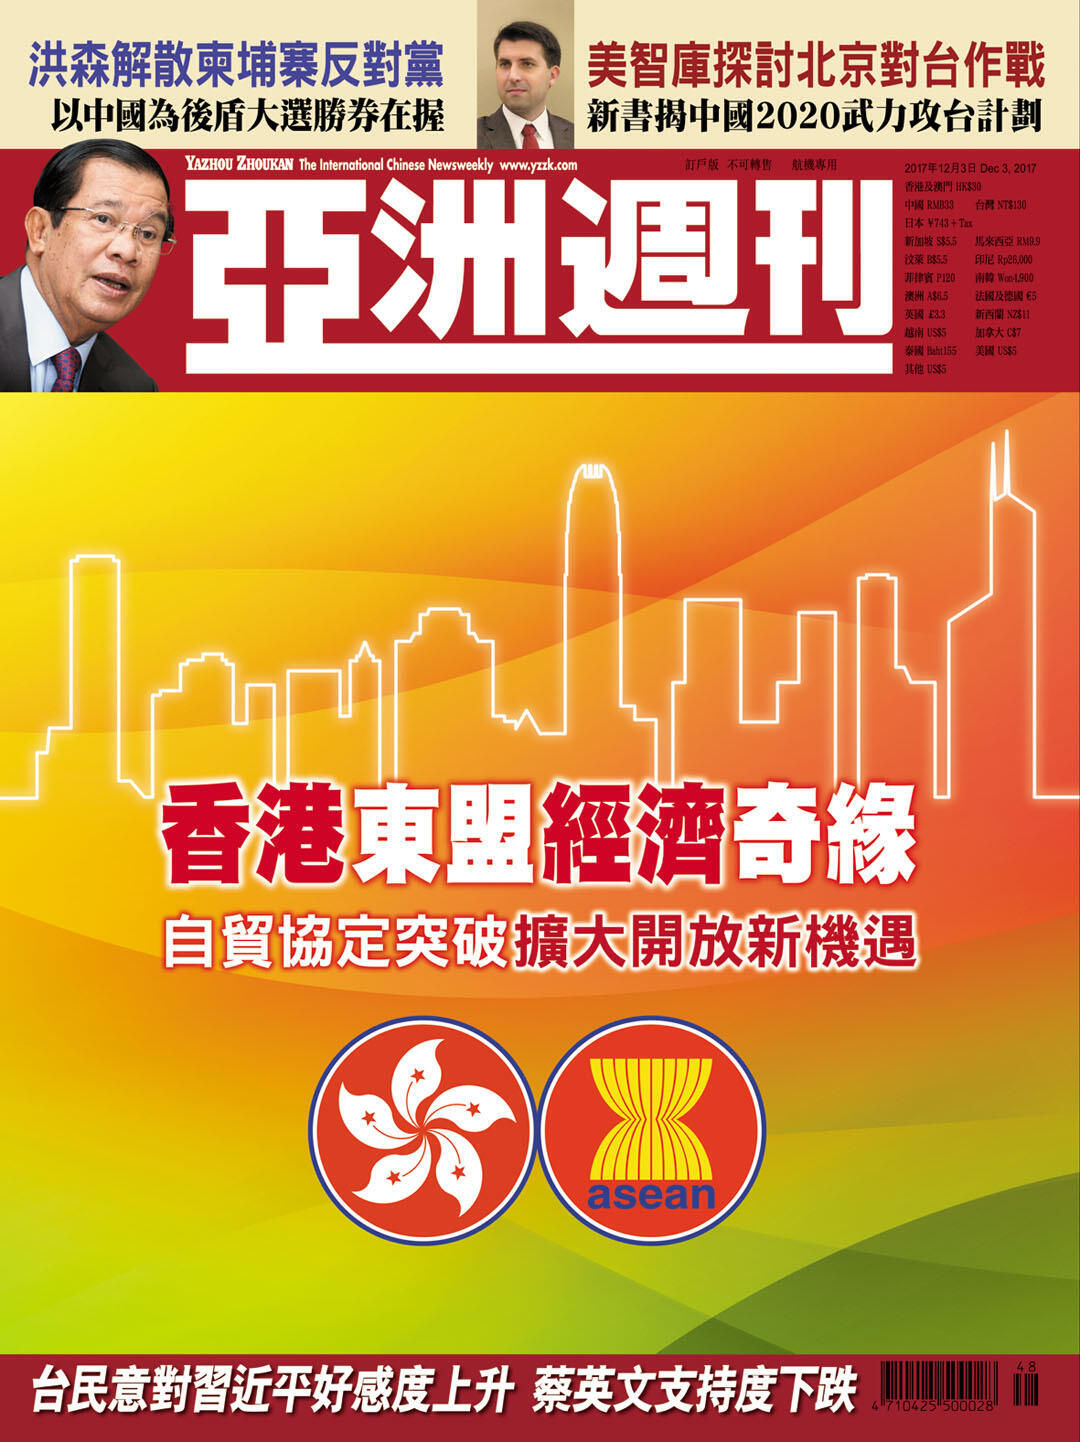 香港与东盟奇缘自贸协定突破扩大开放